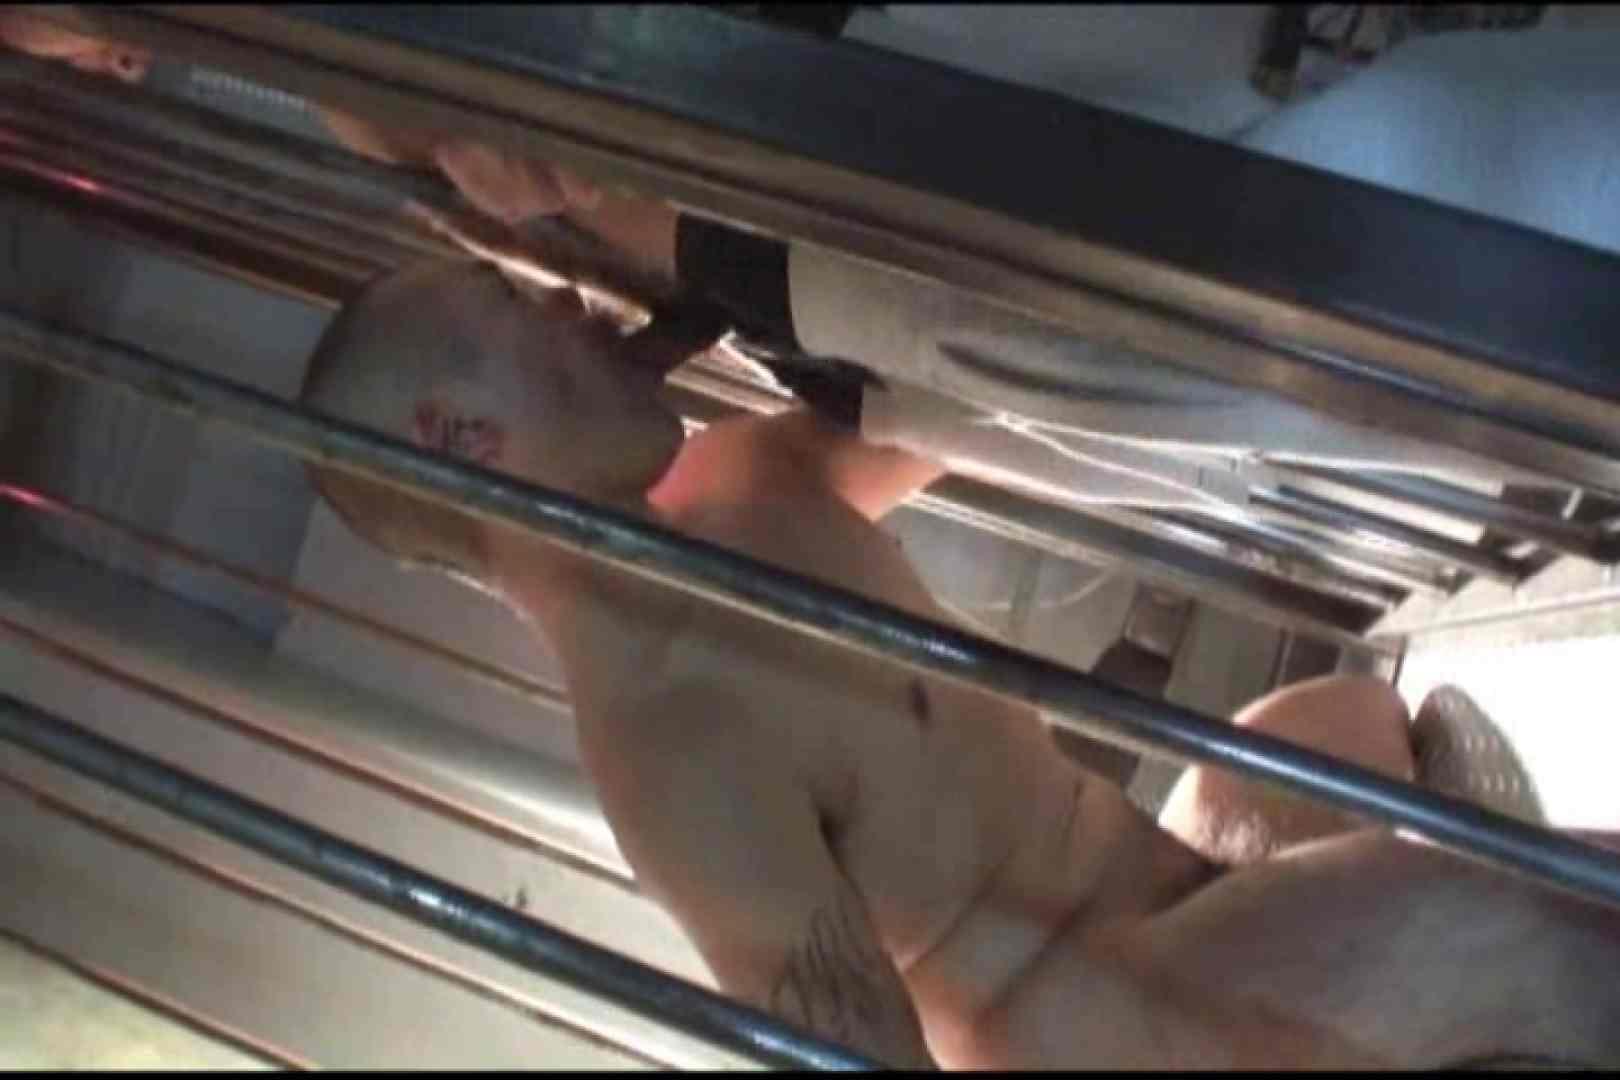 亀田興毅似なボクサーが乳首を弄られ感じる姿。 悶絶   完全無修正でお届け  106pic 52